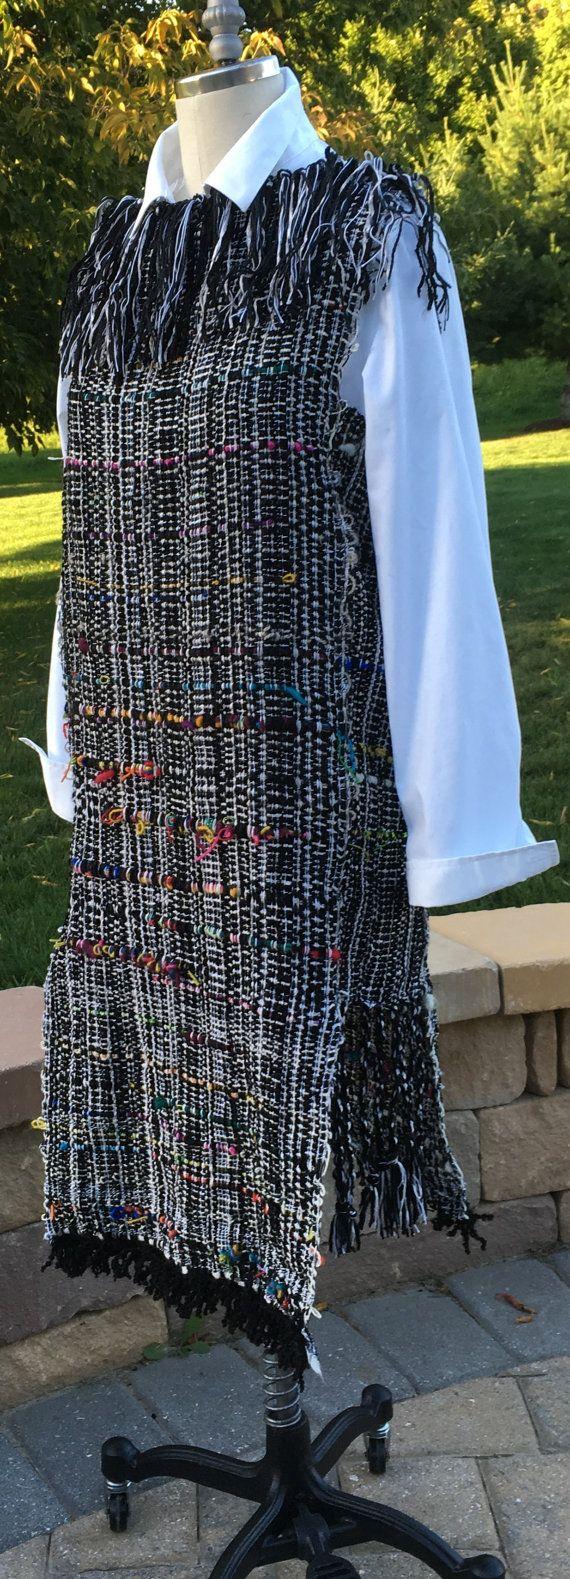 Ideal para trabajo o... de noche mira muy fuerte en este giro en un clásico! Pesado y hecho principalmente de fibras de algodón y lana chenille hilados mano tejida en un telar de Saori... tonos negros, blancos y gris con sorpresa color hilos tejidas a través hacia fuera. Línea del cuello de flecos divertido. El vestido está inspirado en una forma de vestido de tamaño 8, cabrá tamaño 2 - slim mejor 8.